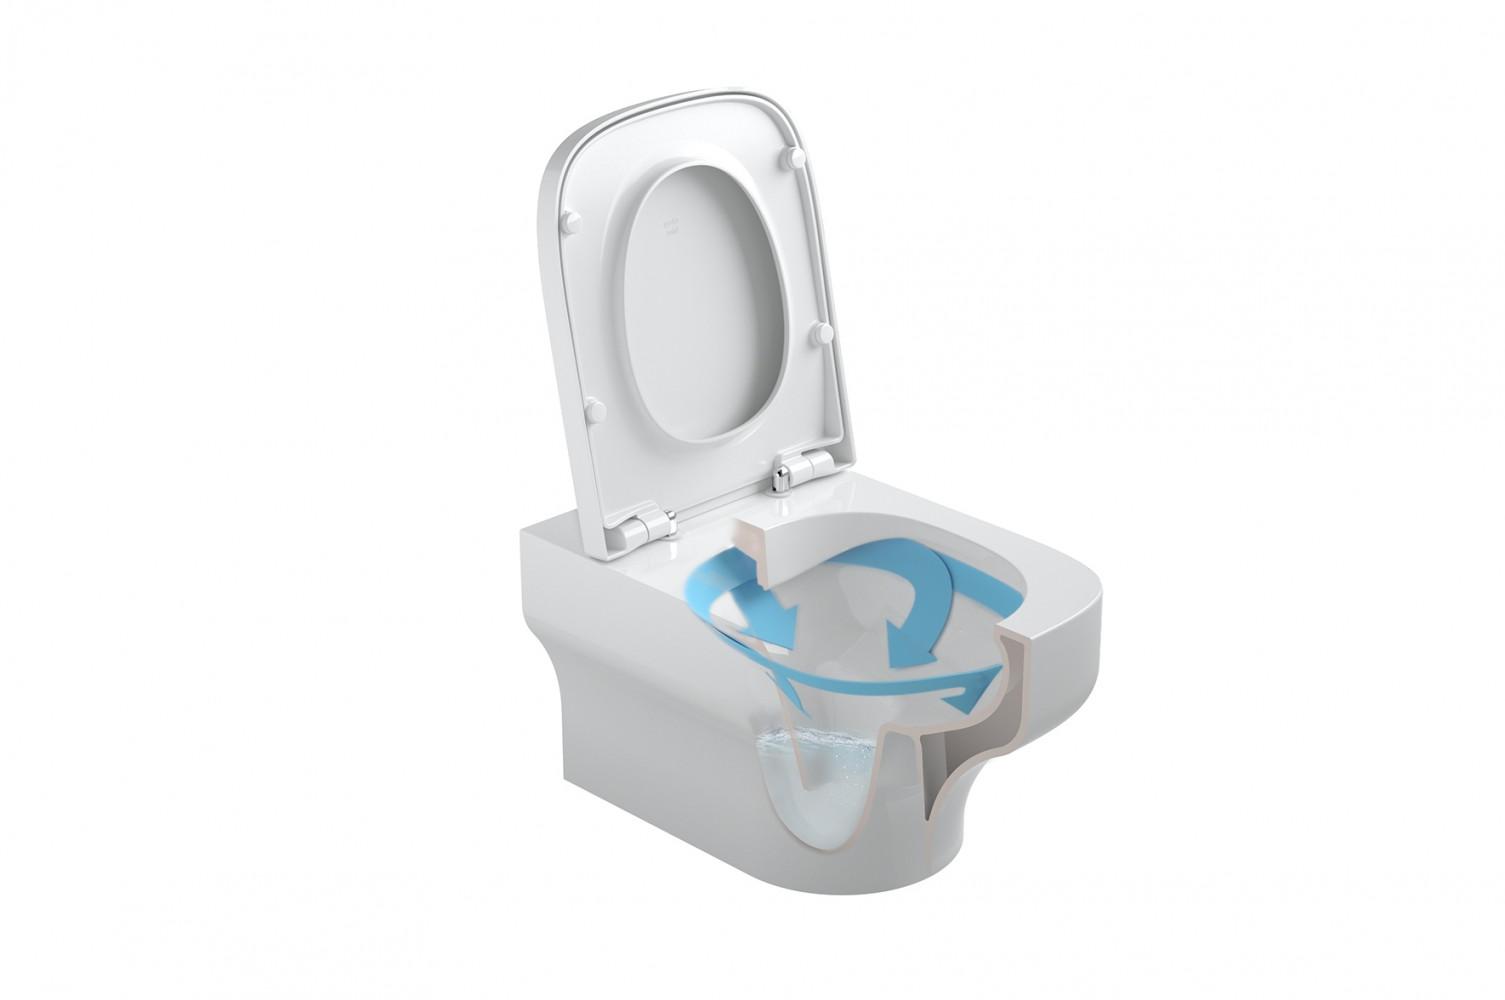 Vas WC suspendat Gala Mid Rimless